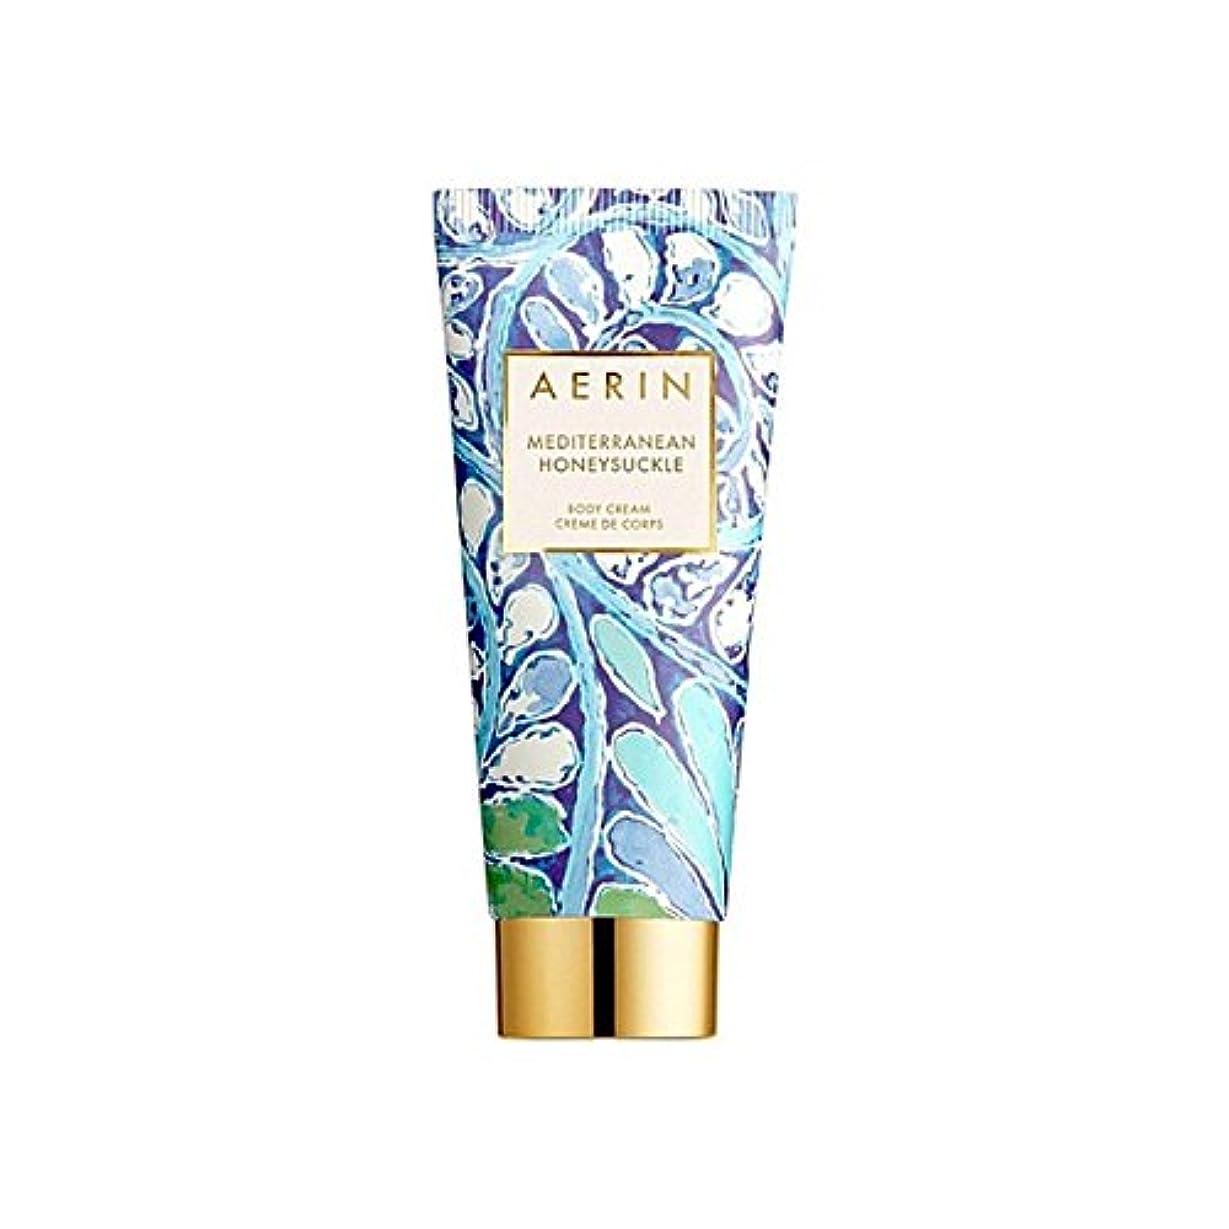 部屋を掃除する識別付けるスイカズラボディクリーム150ミリリットル x2 - Aerin Mediterrenean Honeysuckle Body Cream 150ml (Pack of 2) [並行輸入品]